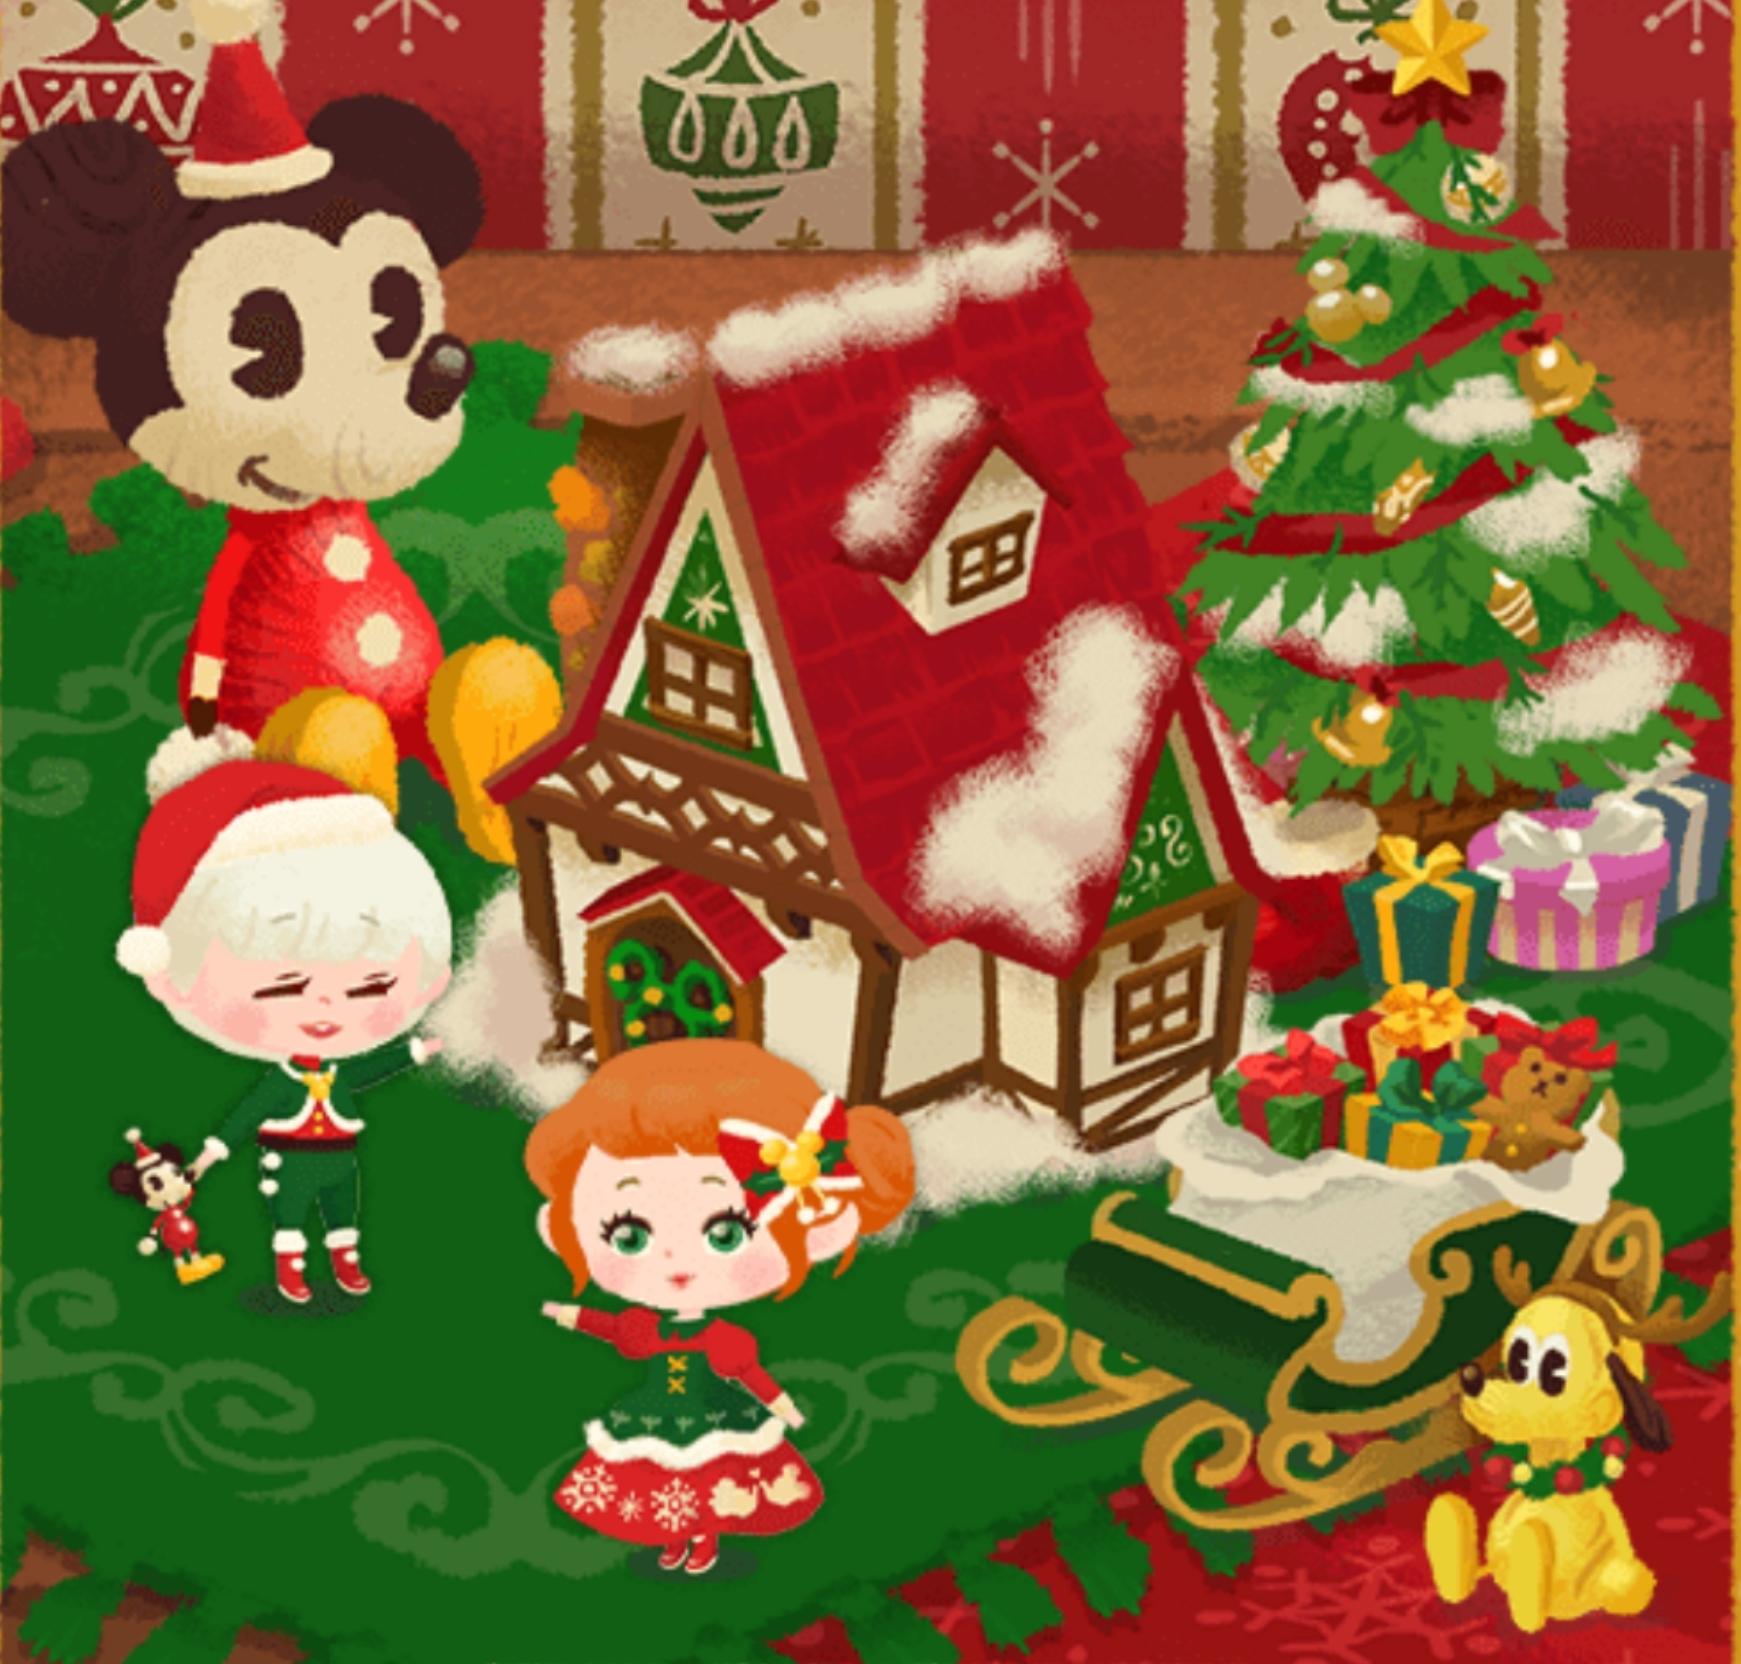 クリスマスナイト アイキャッチ